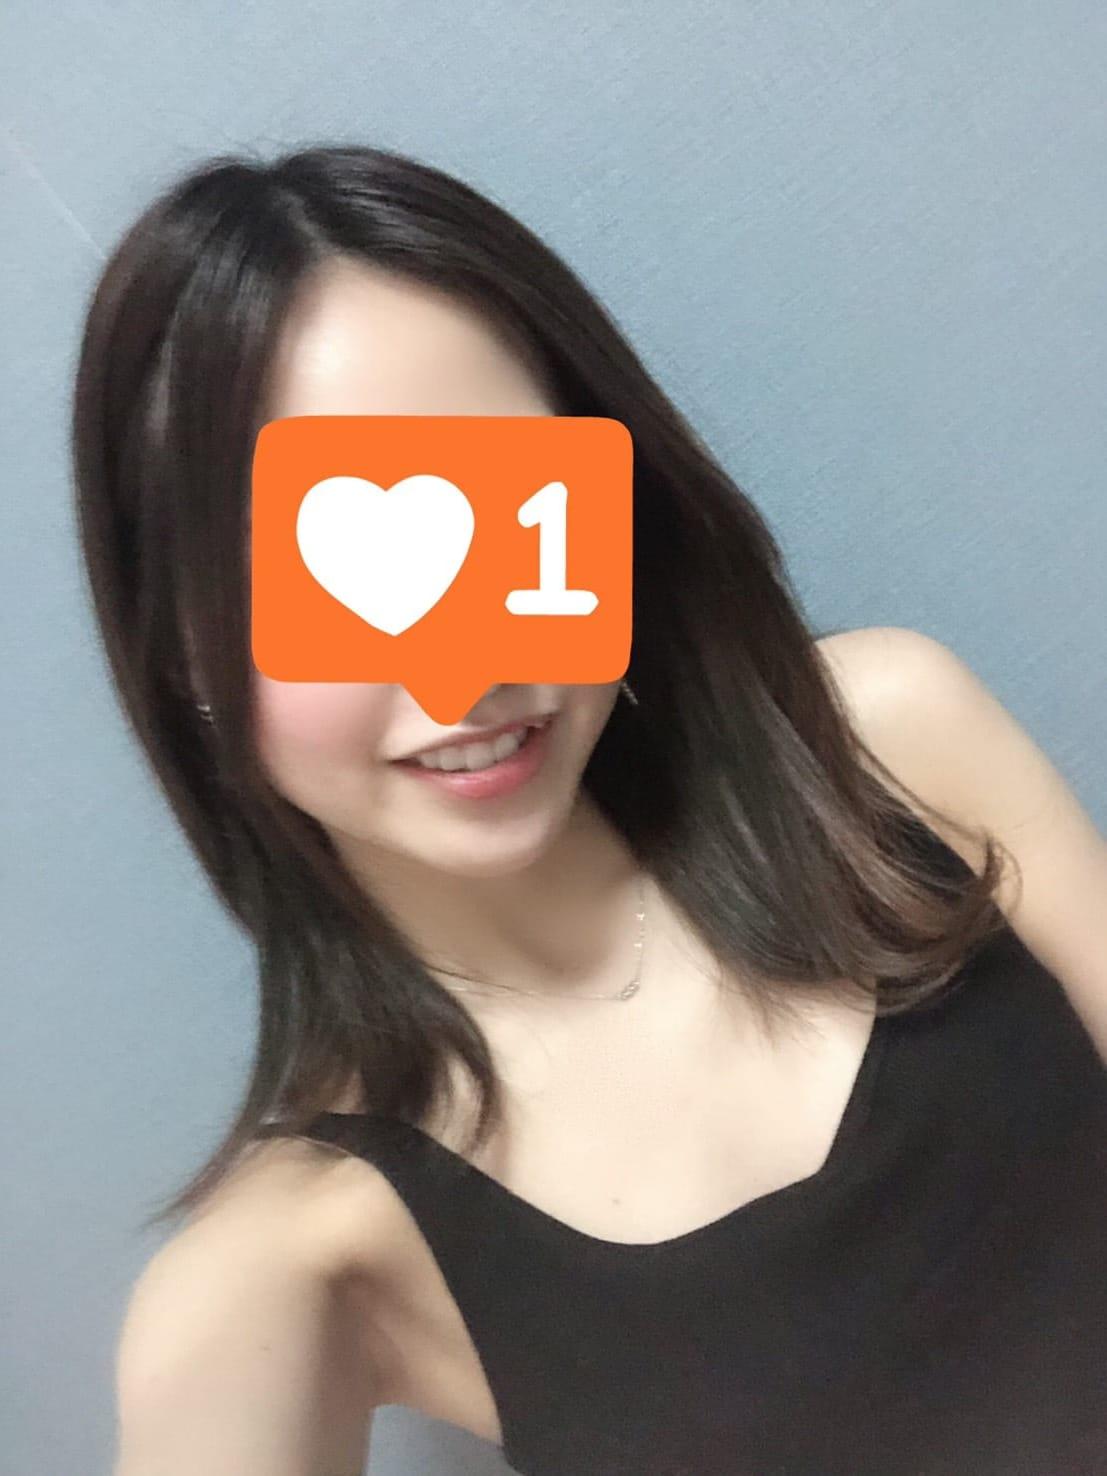 「こんにちわ」03/25(水) 01:24 | 石原 みさ☆☆の写メ・風俗動画